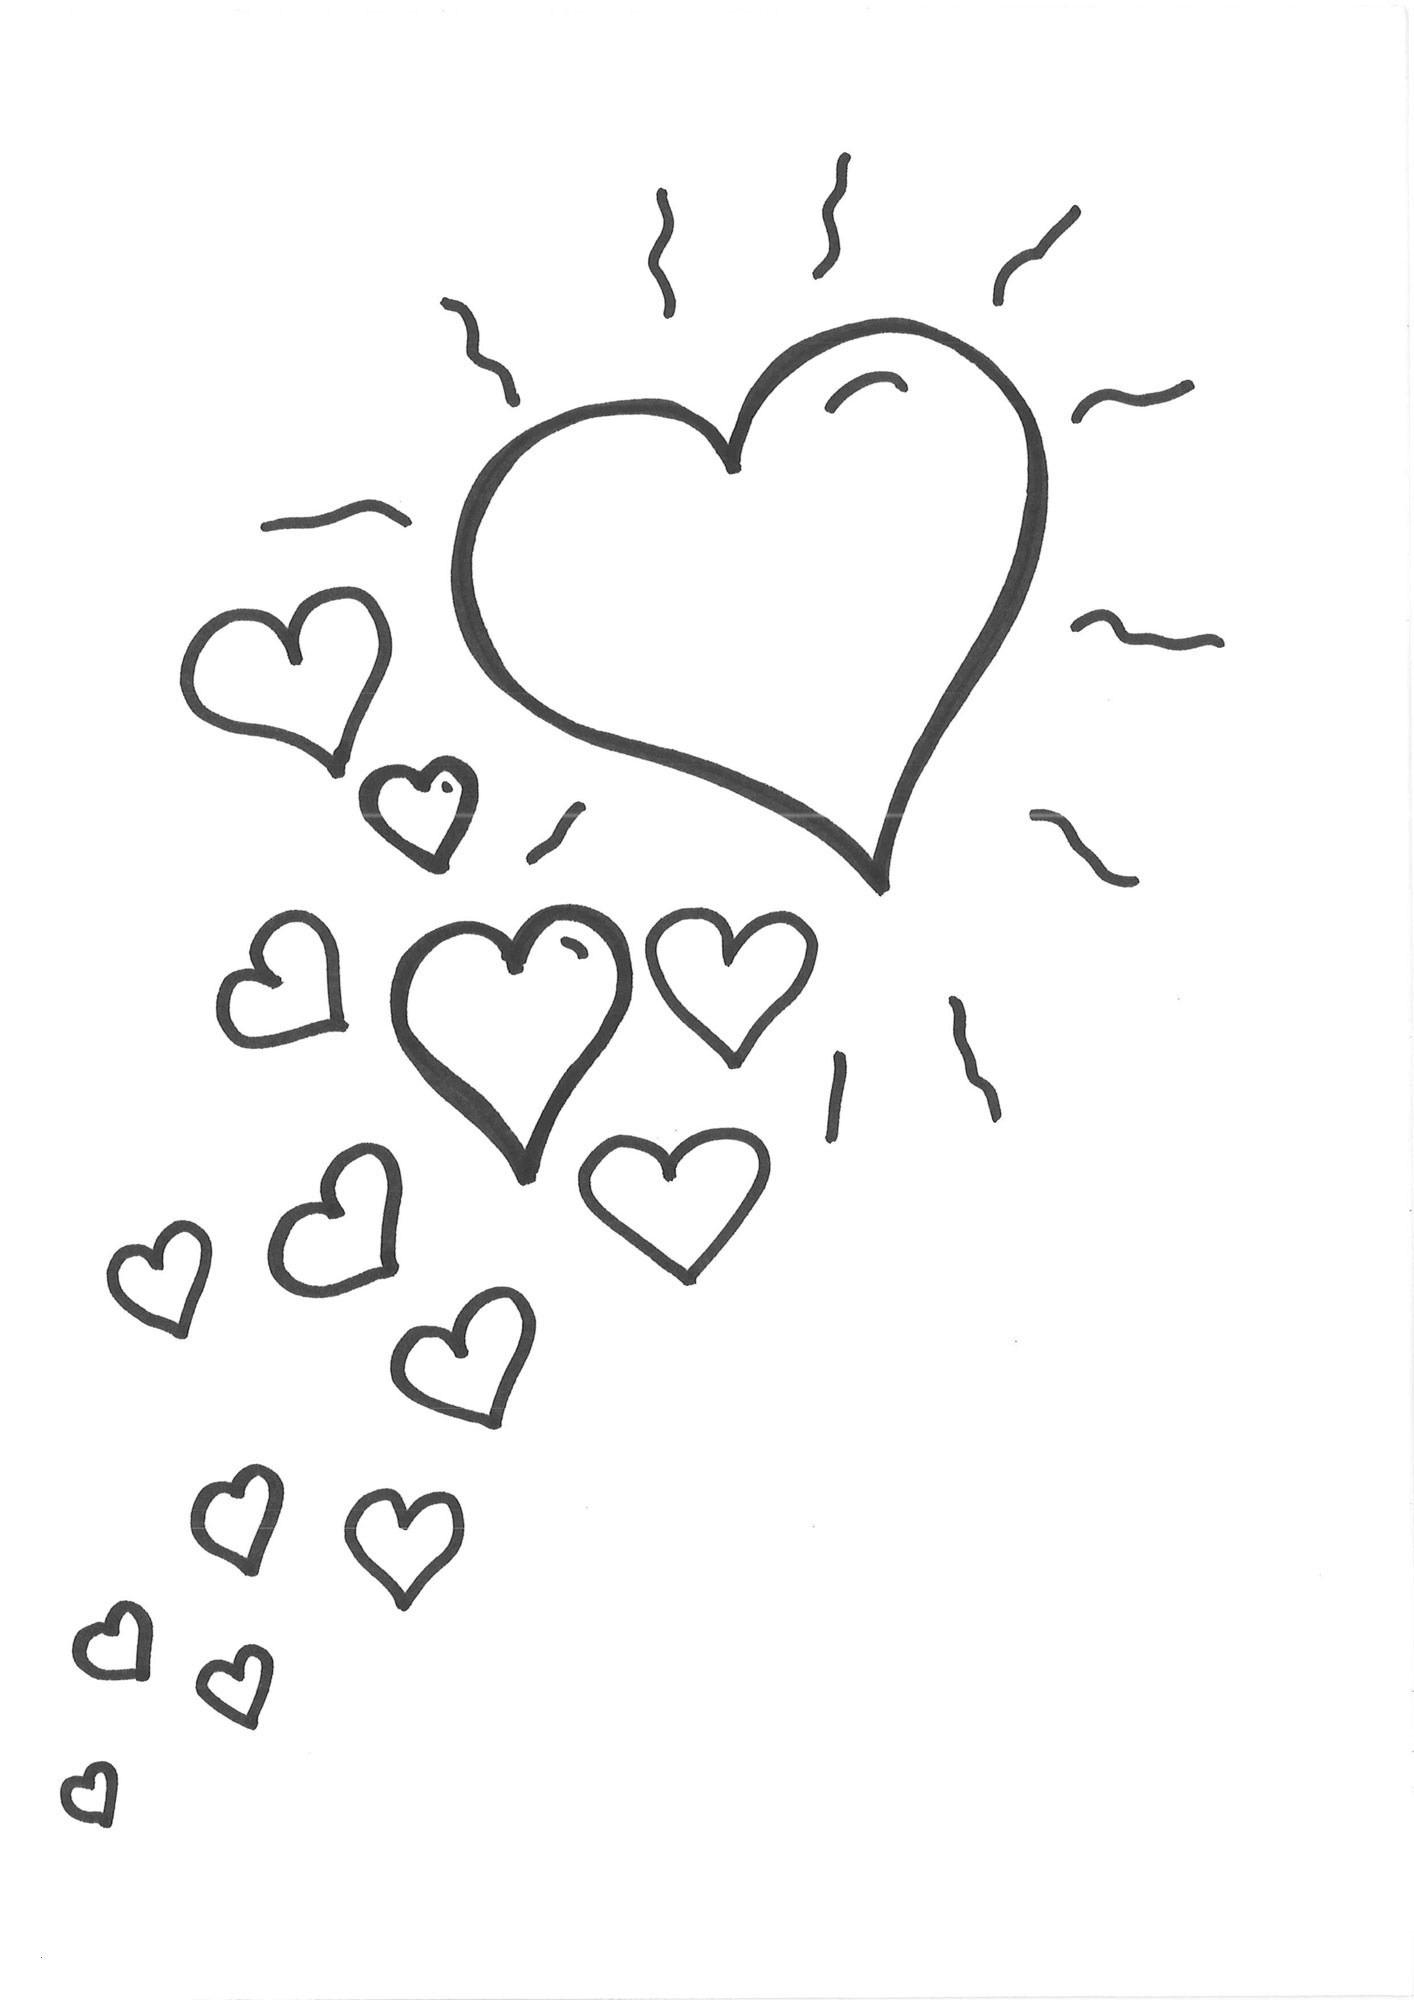 Herzen Zum Ausmalen Frisch 37 Herzen Ausmalbilder Scoredatscore Einzigartig Herzen Ausmalbilder Fotos